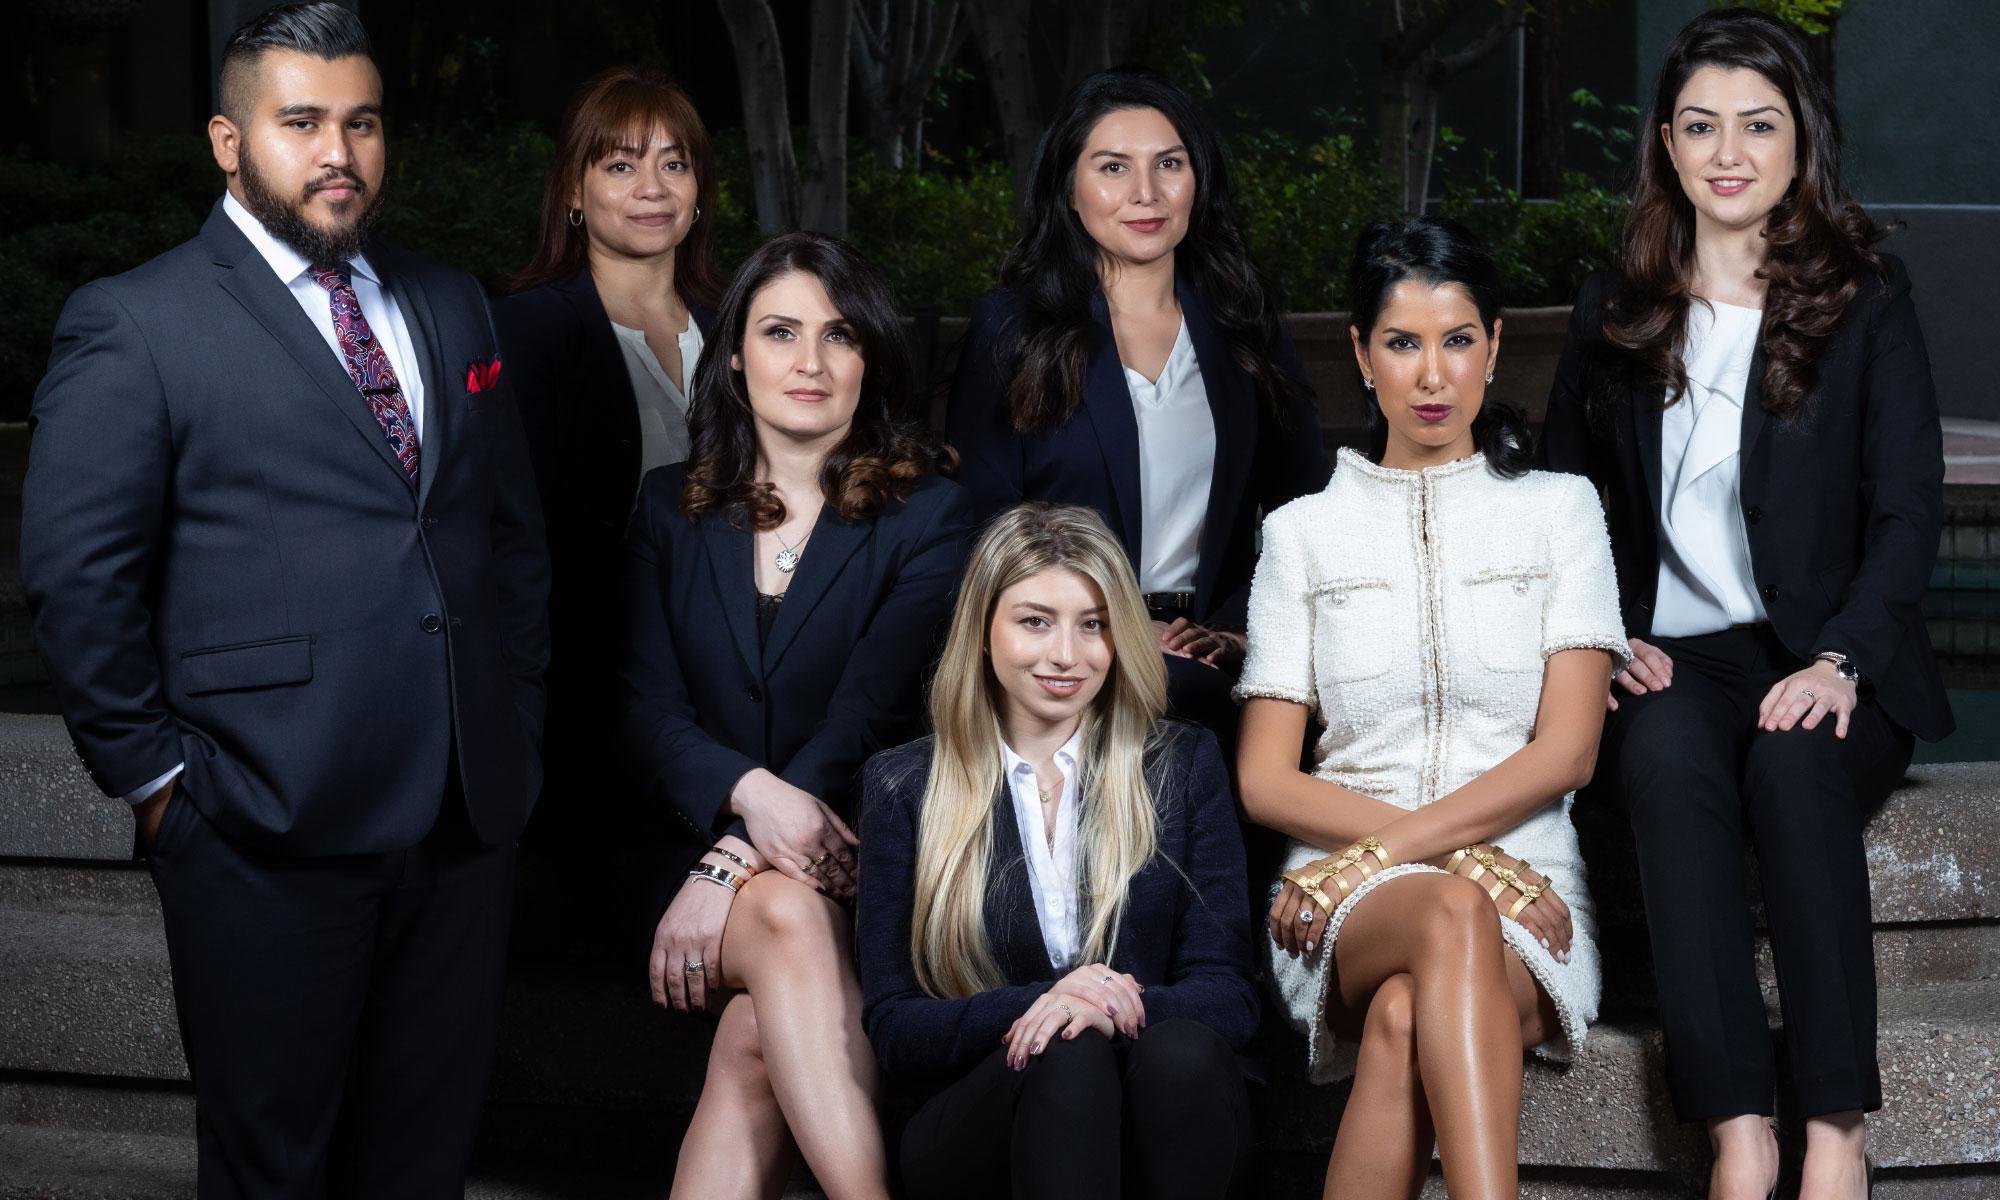 Odjaghian Law Group Team